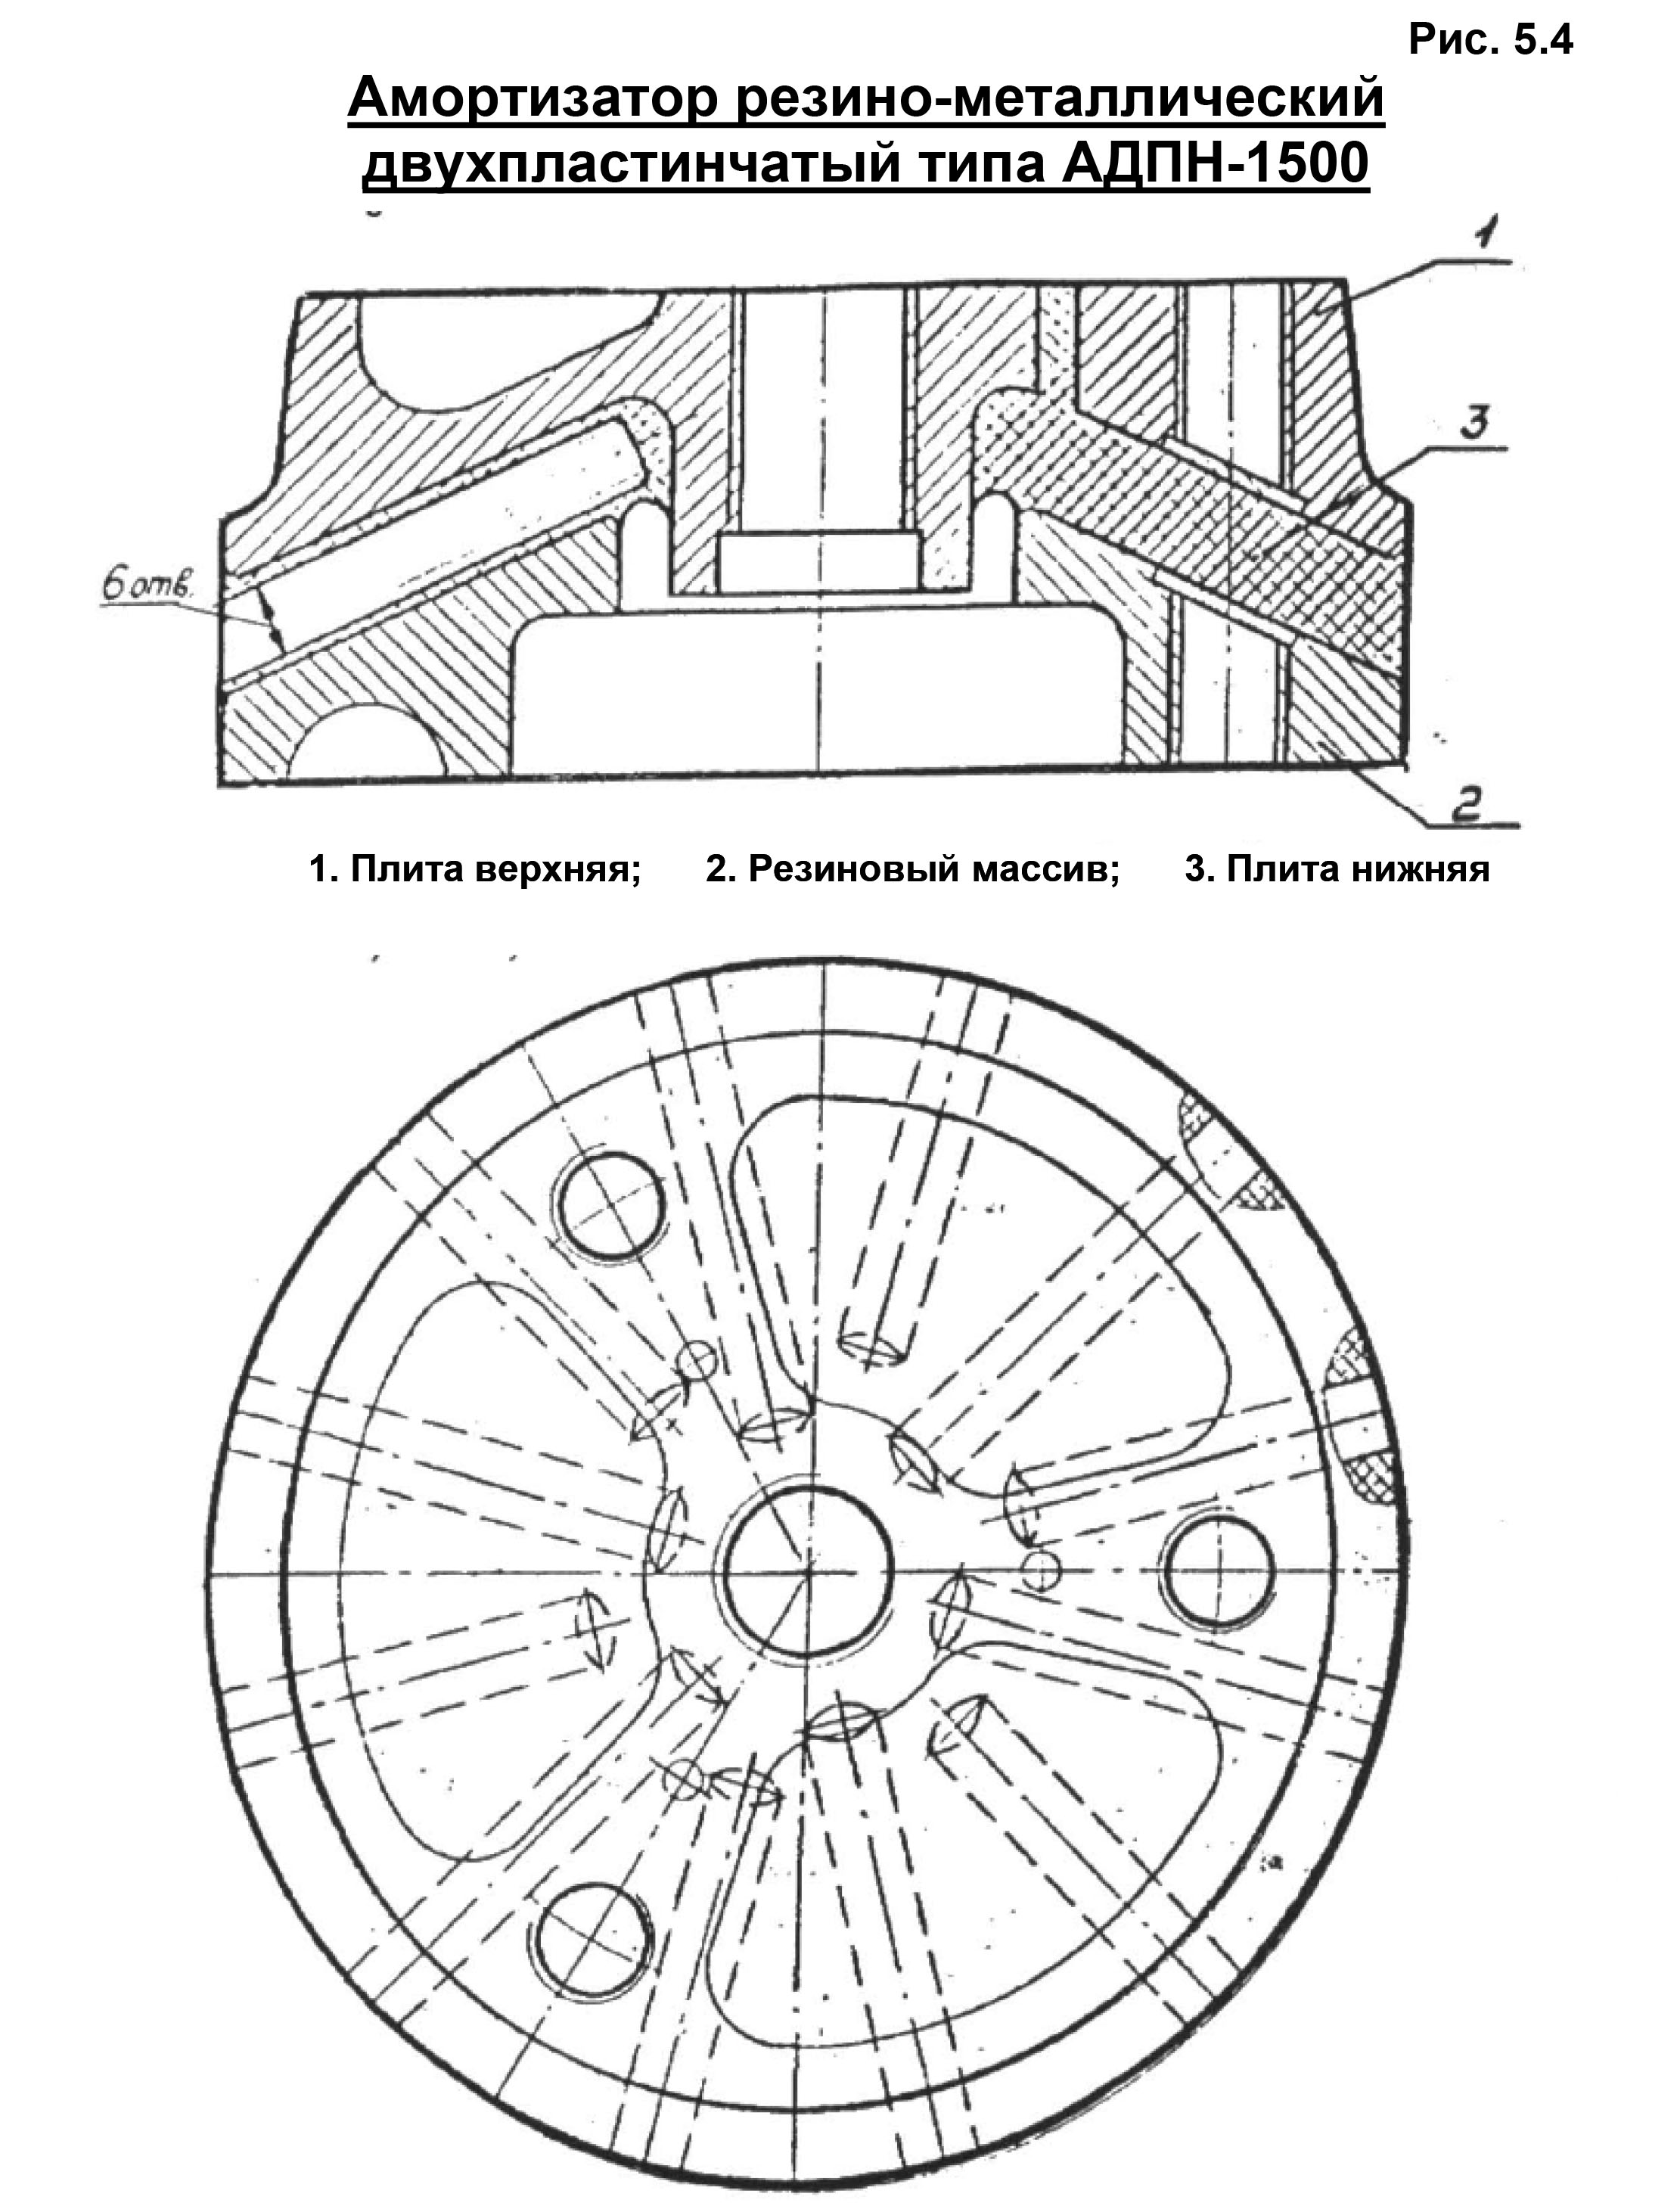 Амортизатор АДПН-1500